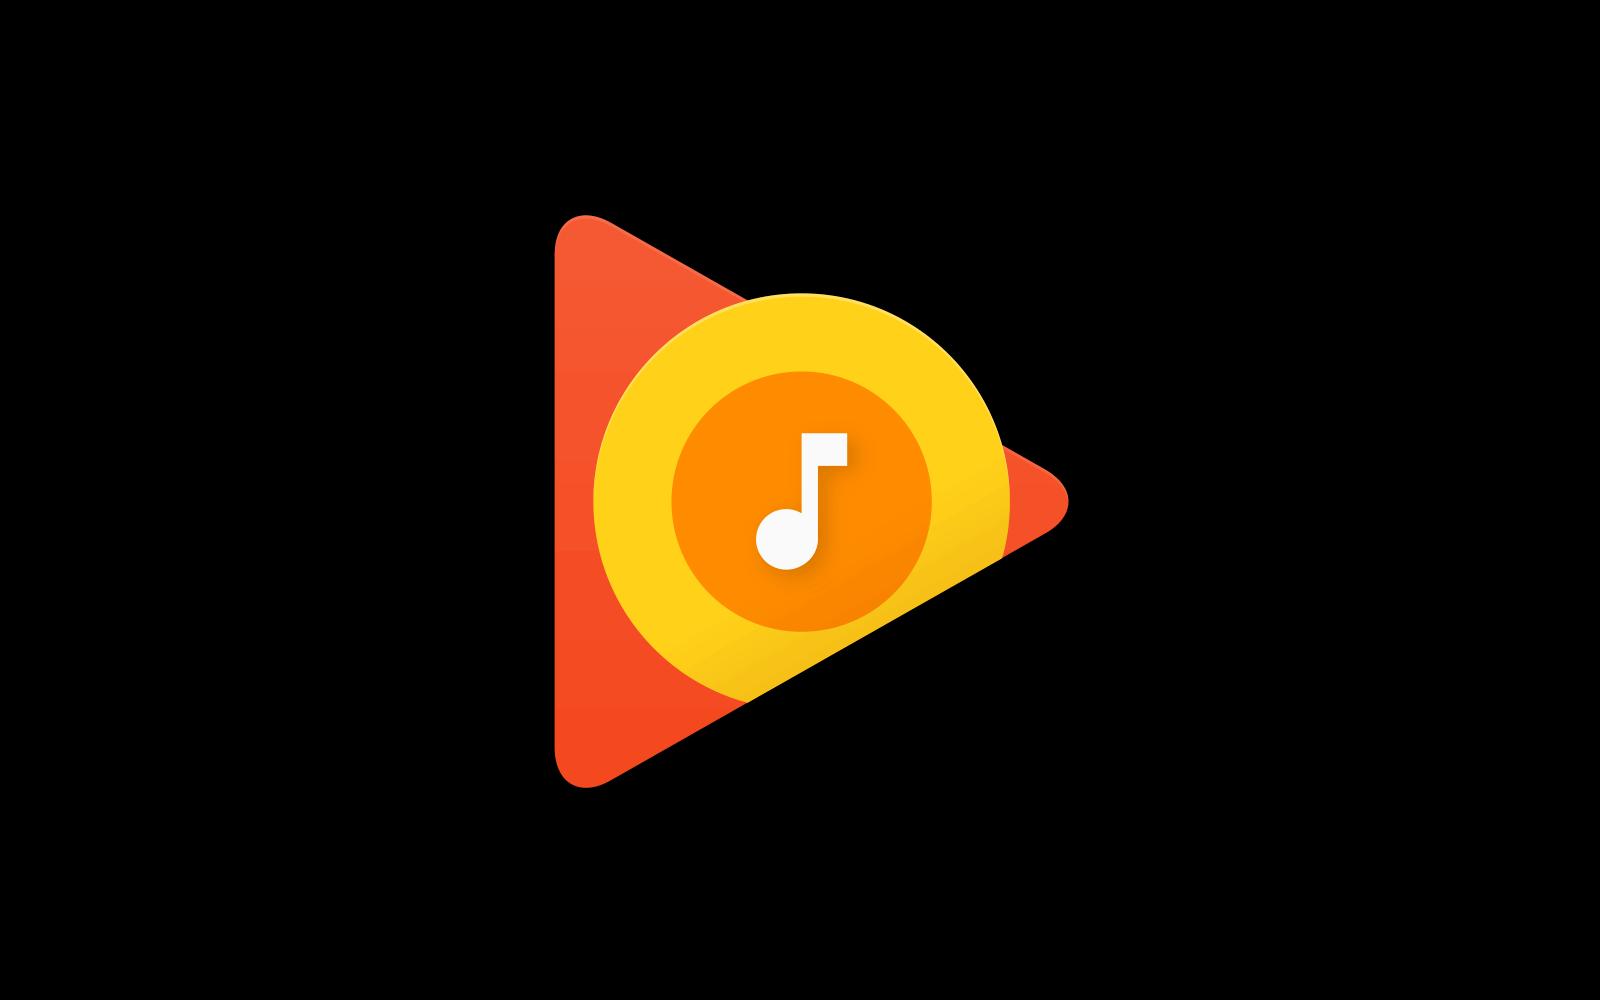 Користувачі зможуть перенести свої колекції музики з одного сервісу на інший